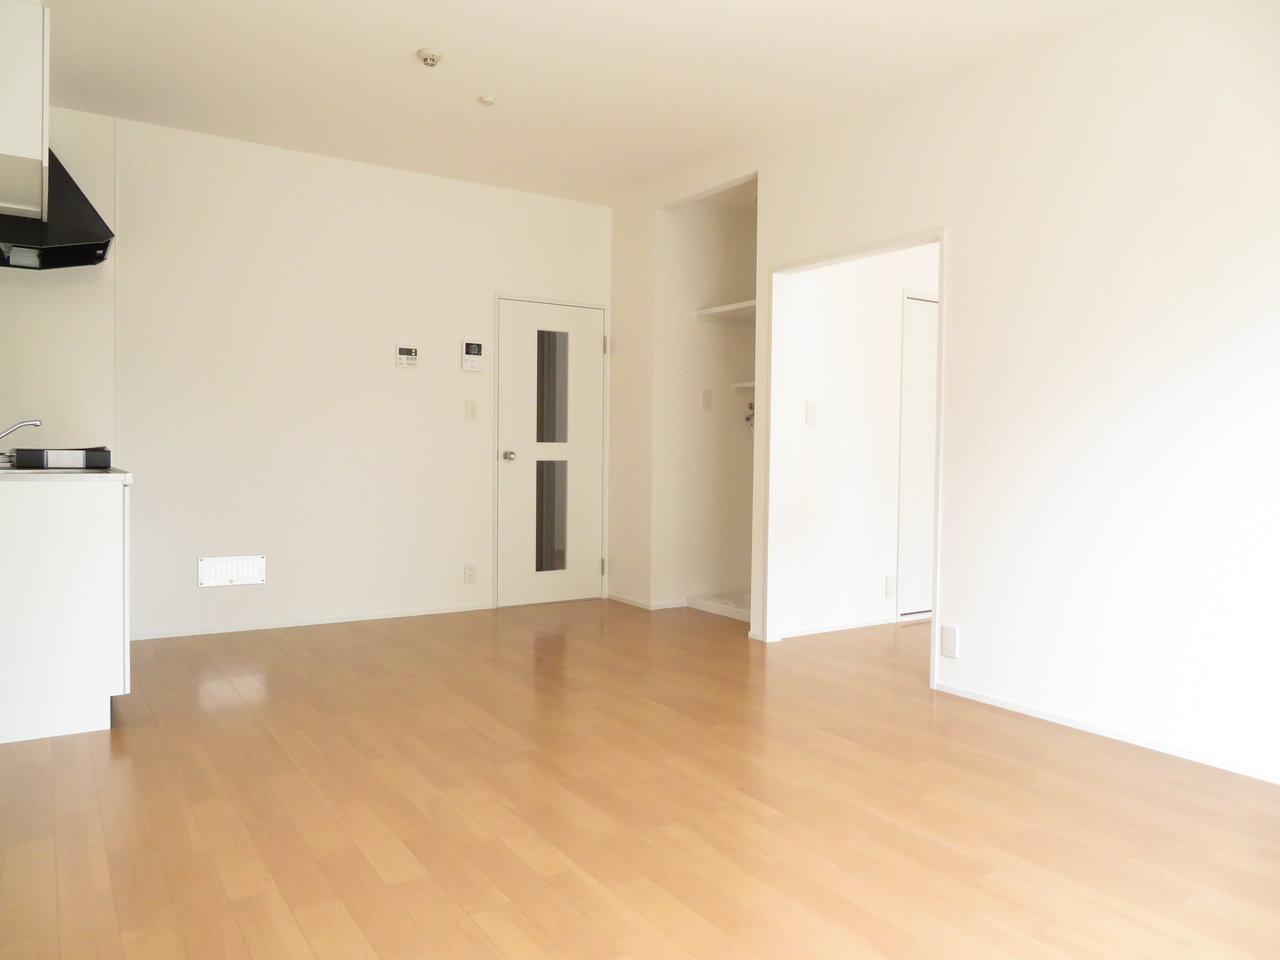 家具を配置しやすい、天井の高いゆったりとした12畳のリビングダイニング。丸いダイニングテーブルなんか置いたらおしゃれに仕上がりそう。